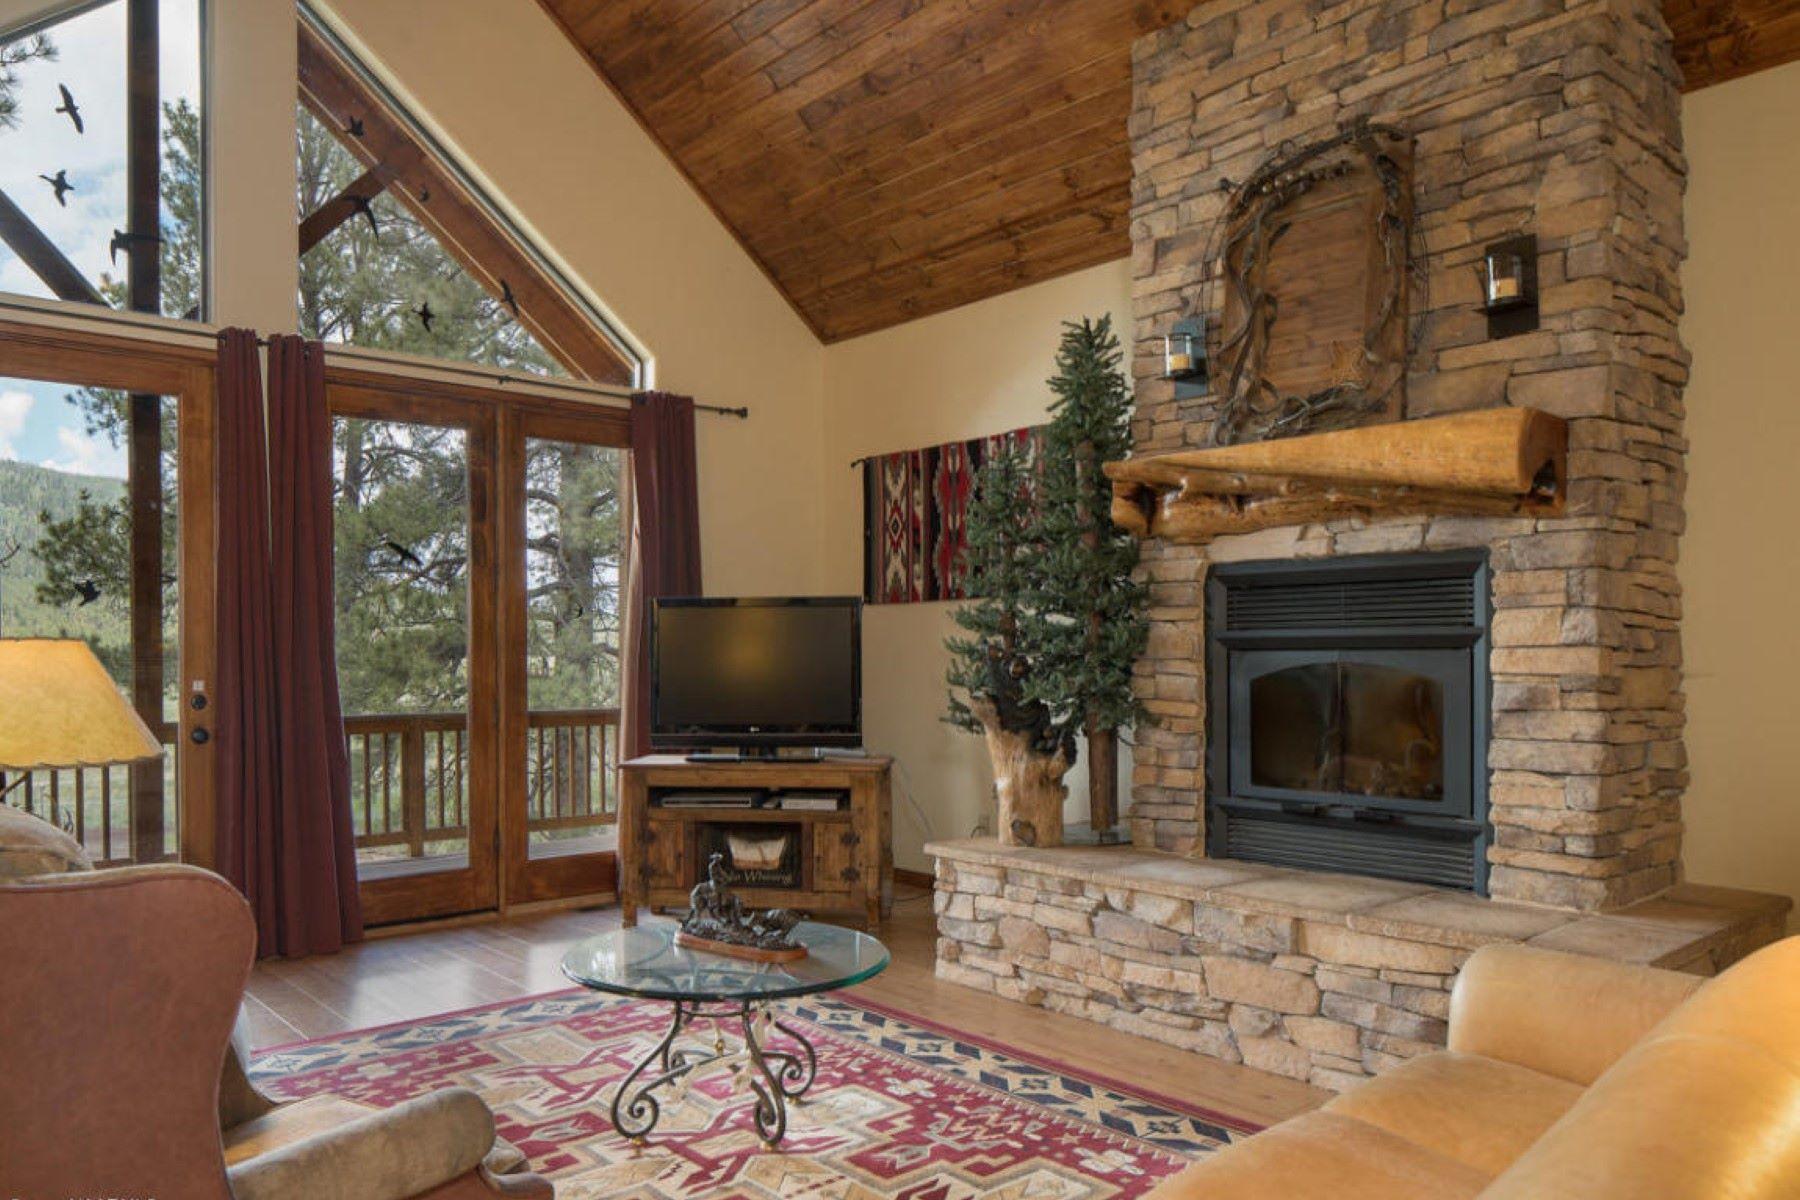 一戸建て のために 売買 アット This is a rare opportunity to own a private custom log sided mountain retreat. 17242 Crowley TRL Flagstaff, アリゾナ, 86001 アメリカ合衆国